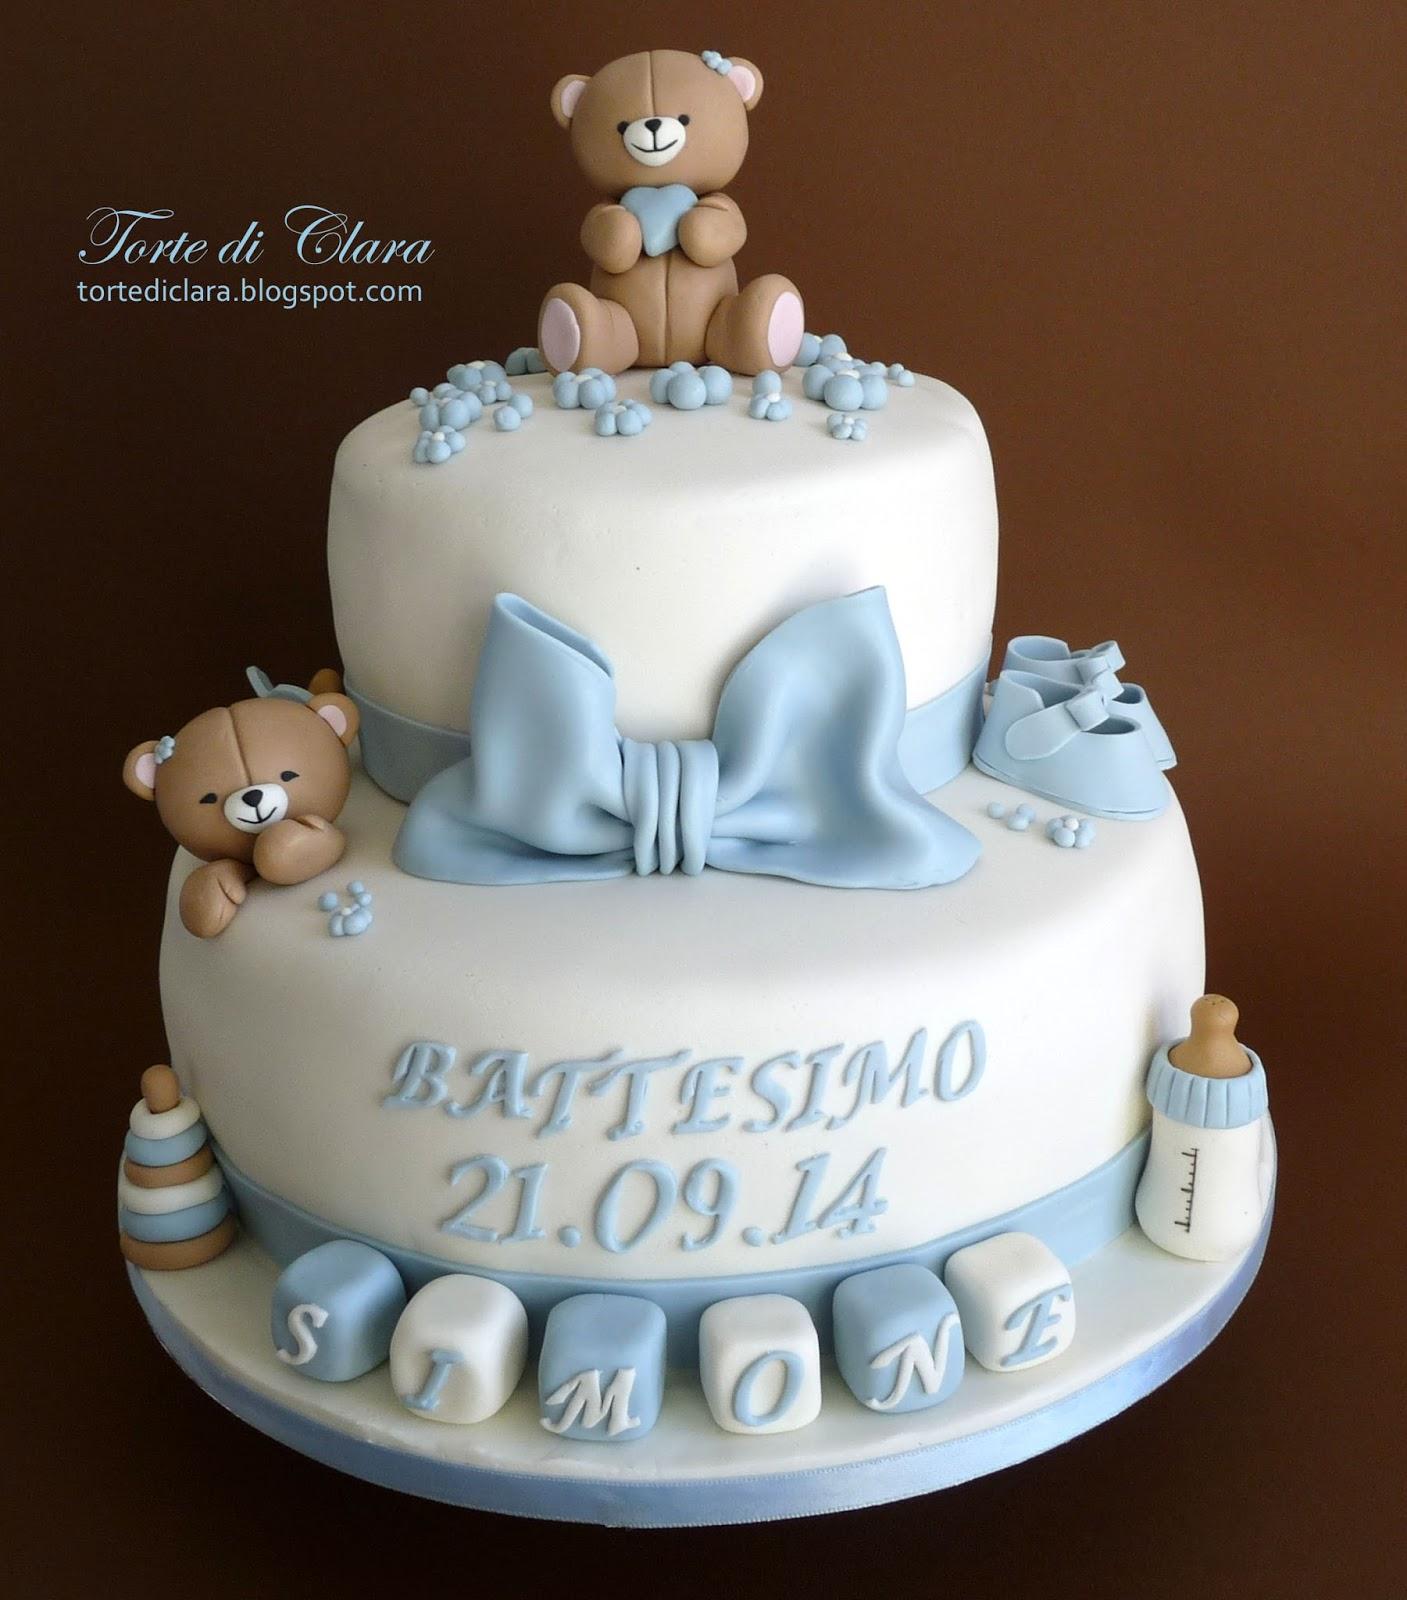 Estremamente Torte di Clara: Torta Battesimo (6) CU05